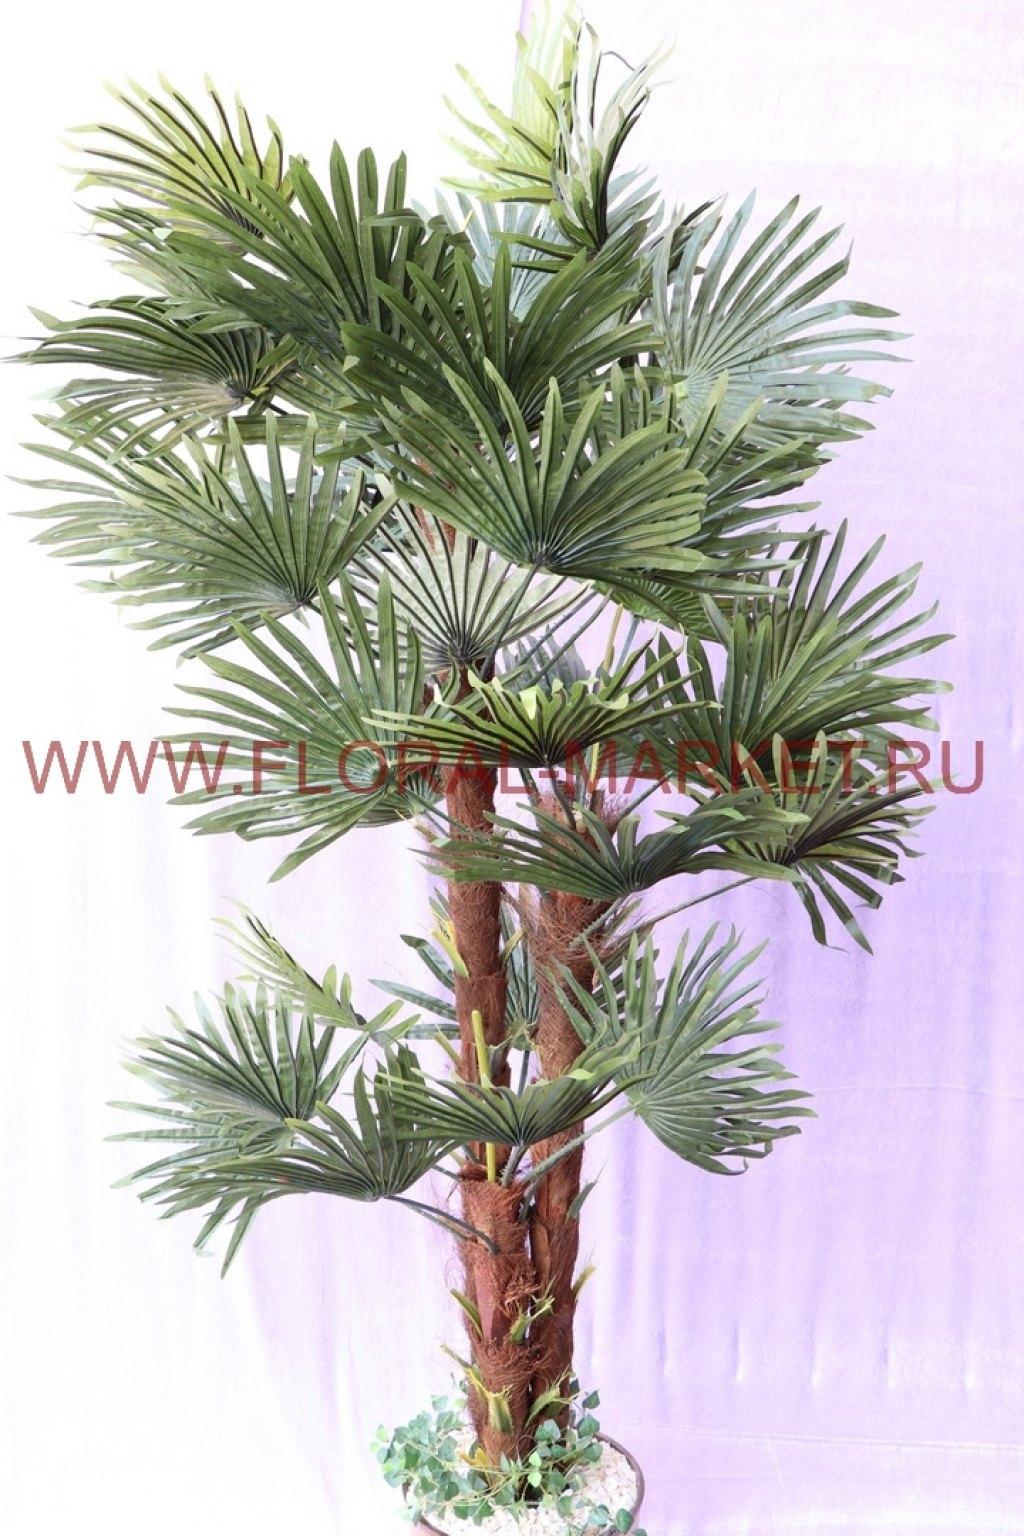 Пальма Веерная 3 ствола Элиот h=155см.